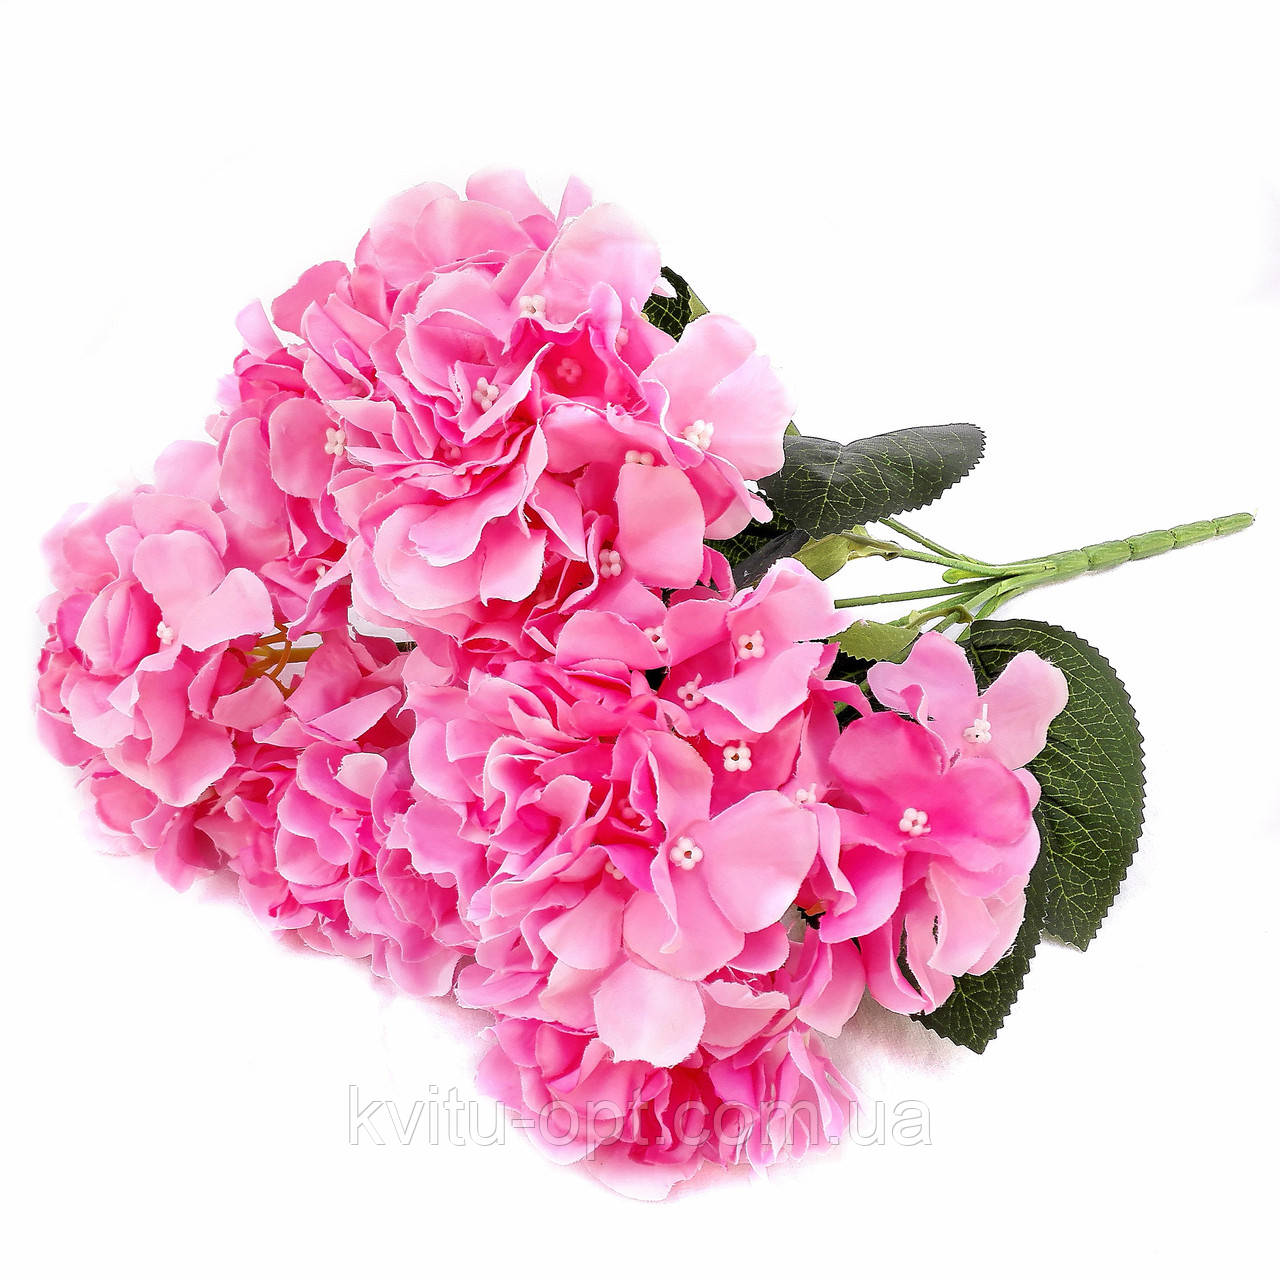 Букет гортензии 6 голов. Розовый. 40 см